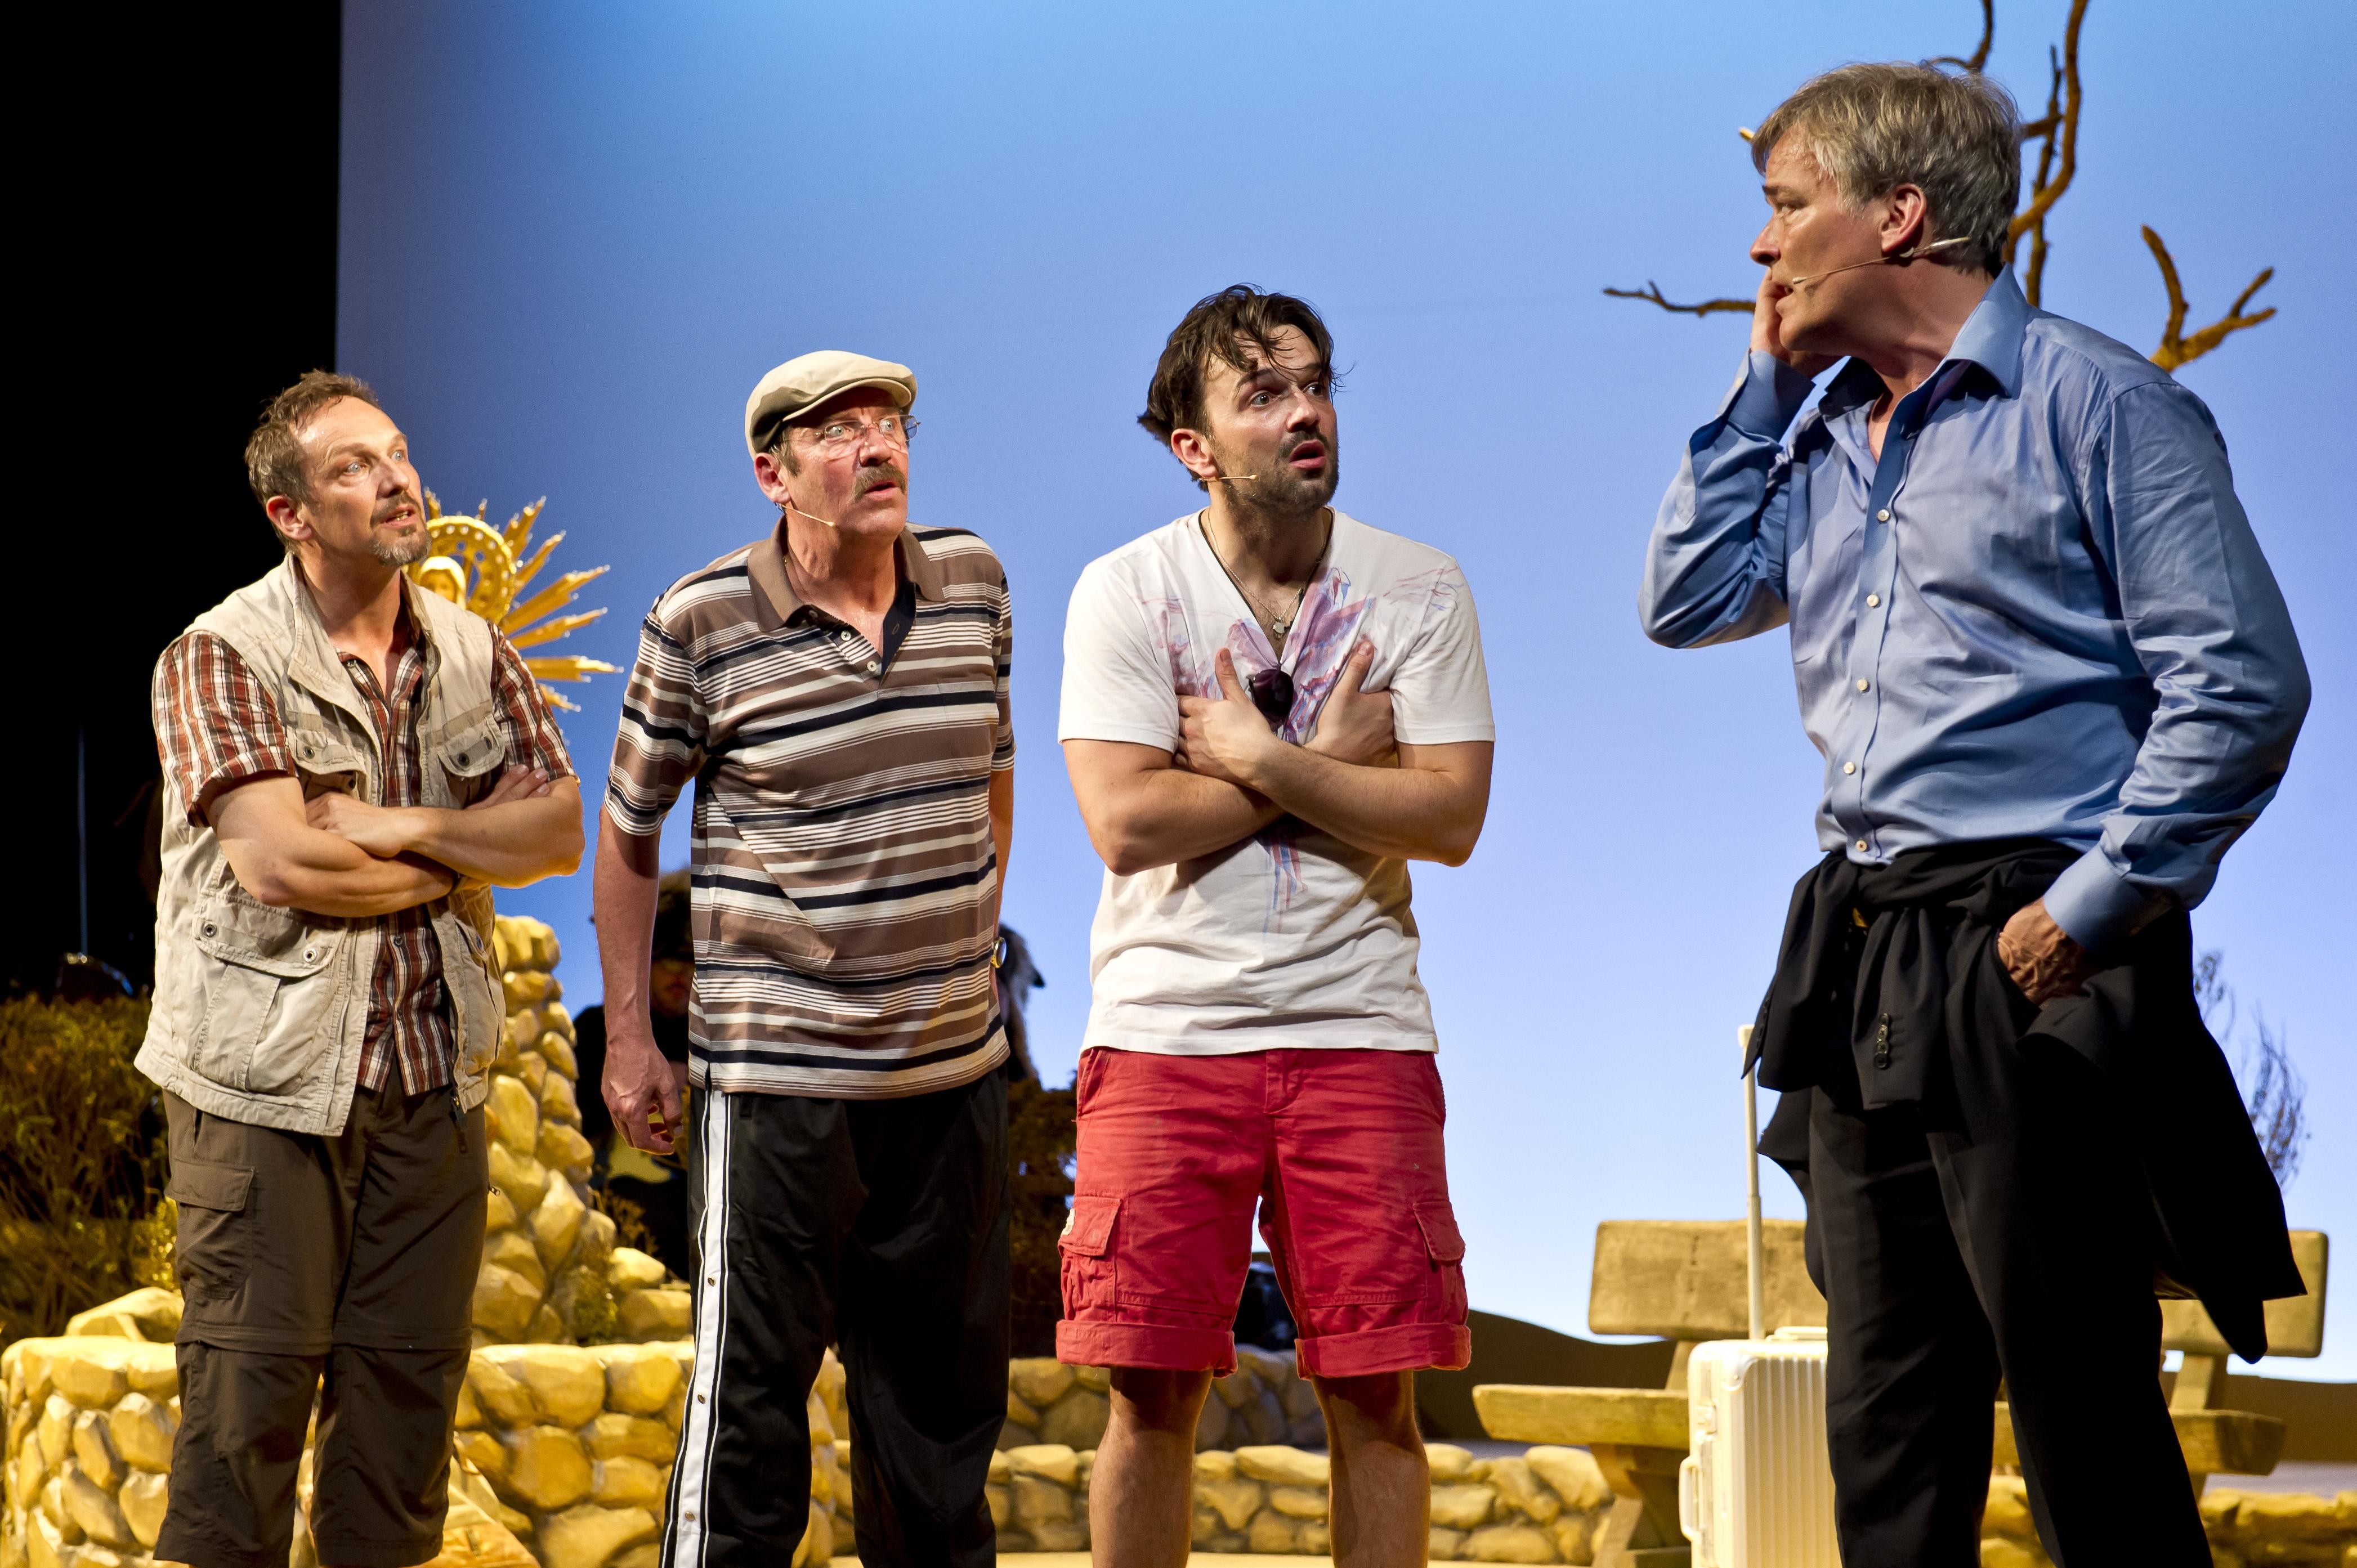 Mann o Mann - Die Midlife-Crisis-Revue - v.l.n.r.: Max Gertsch, Stefan Gossler, Alexander Wipprecht, Stephan Schill - © Oliver Fantitsch